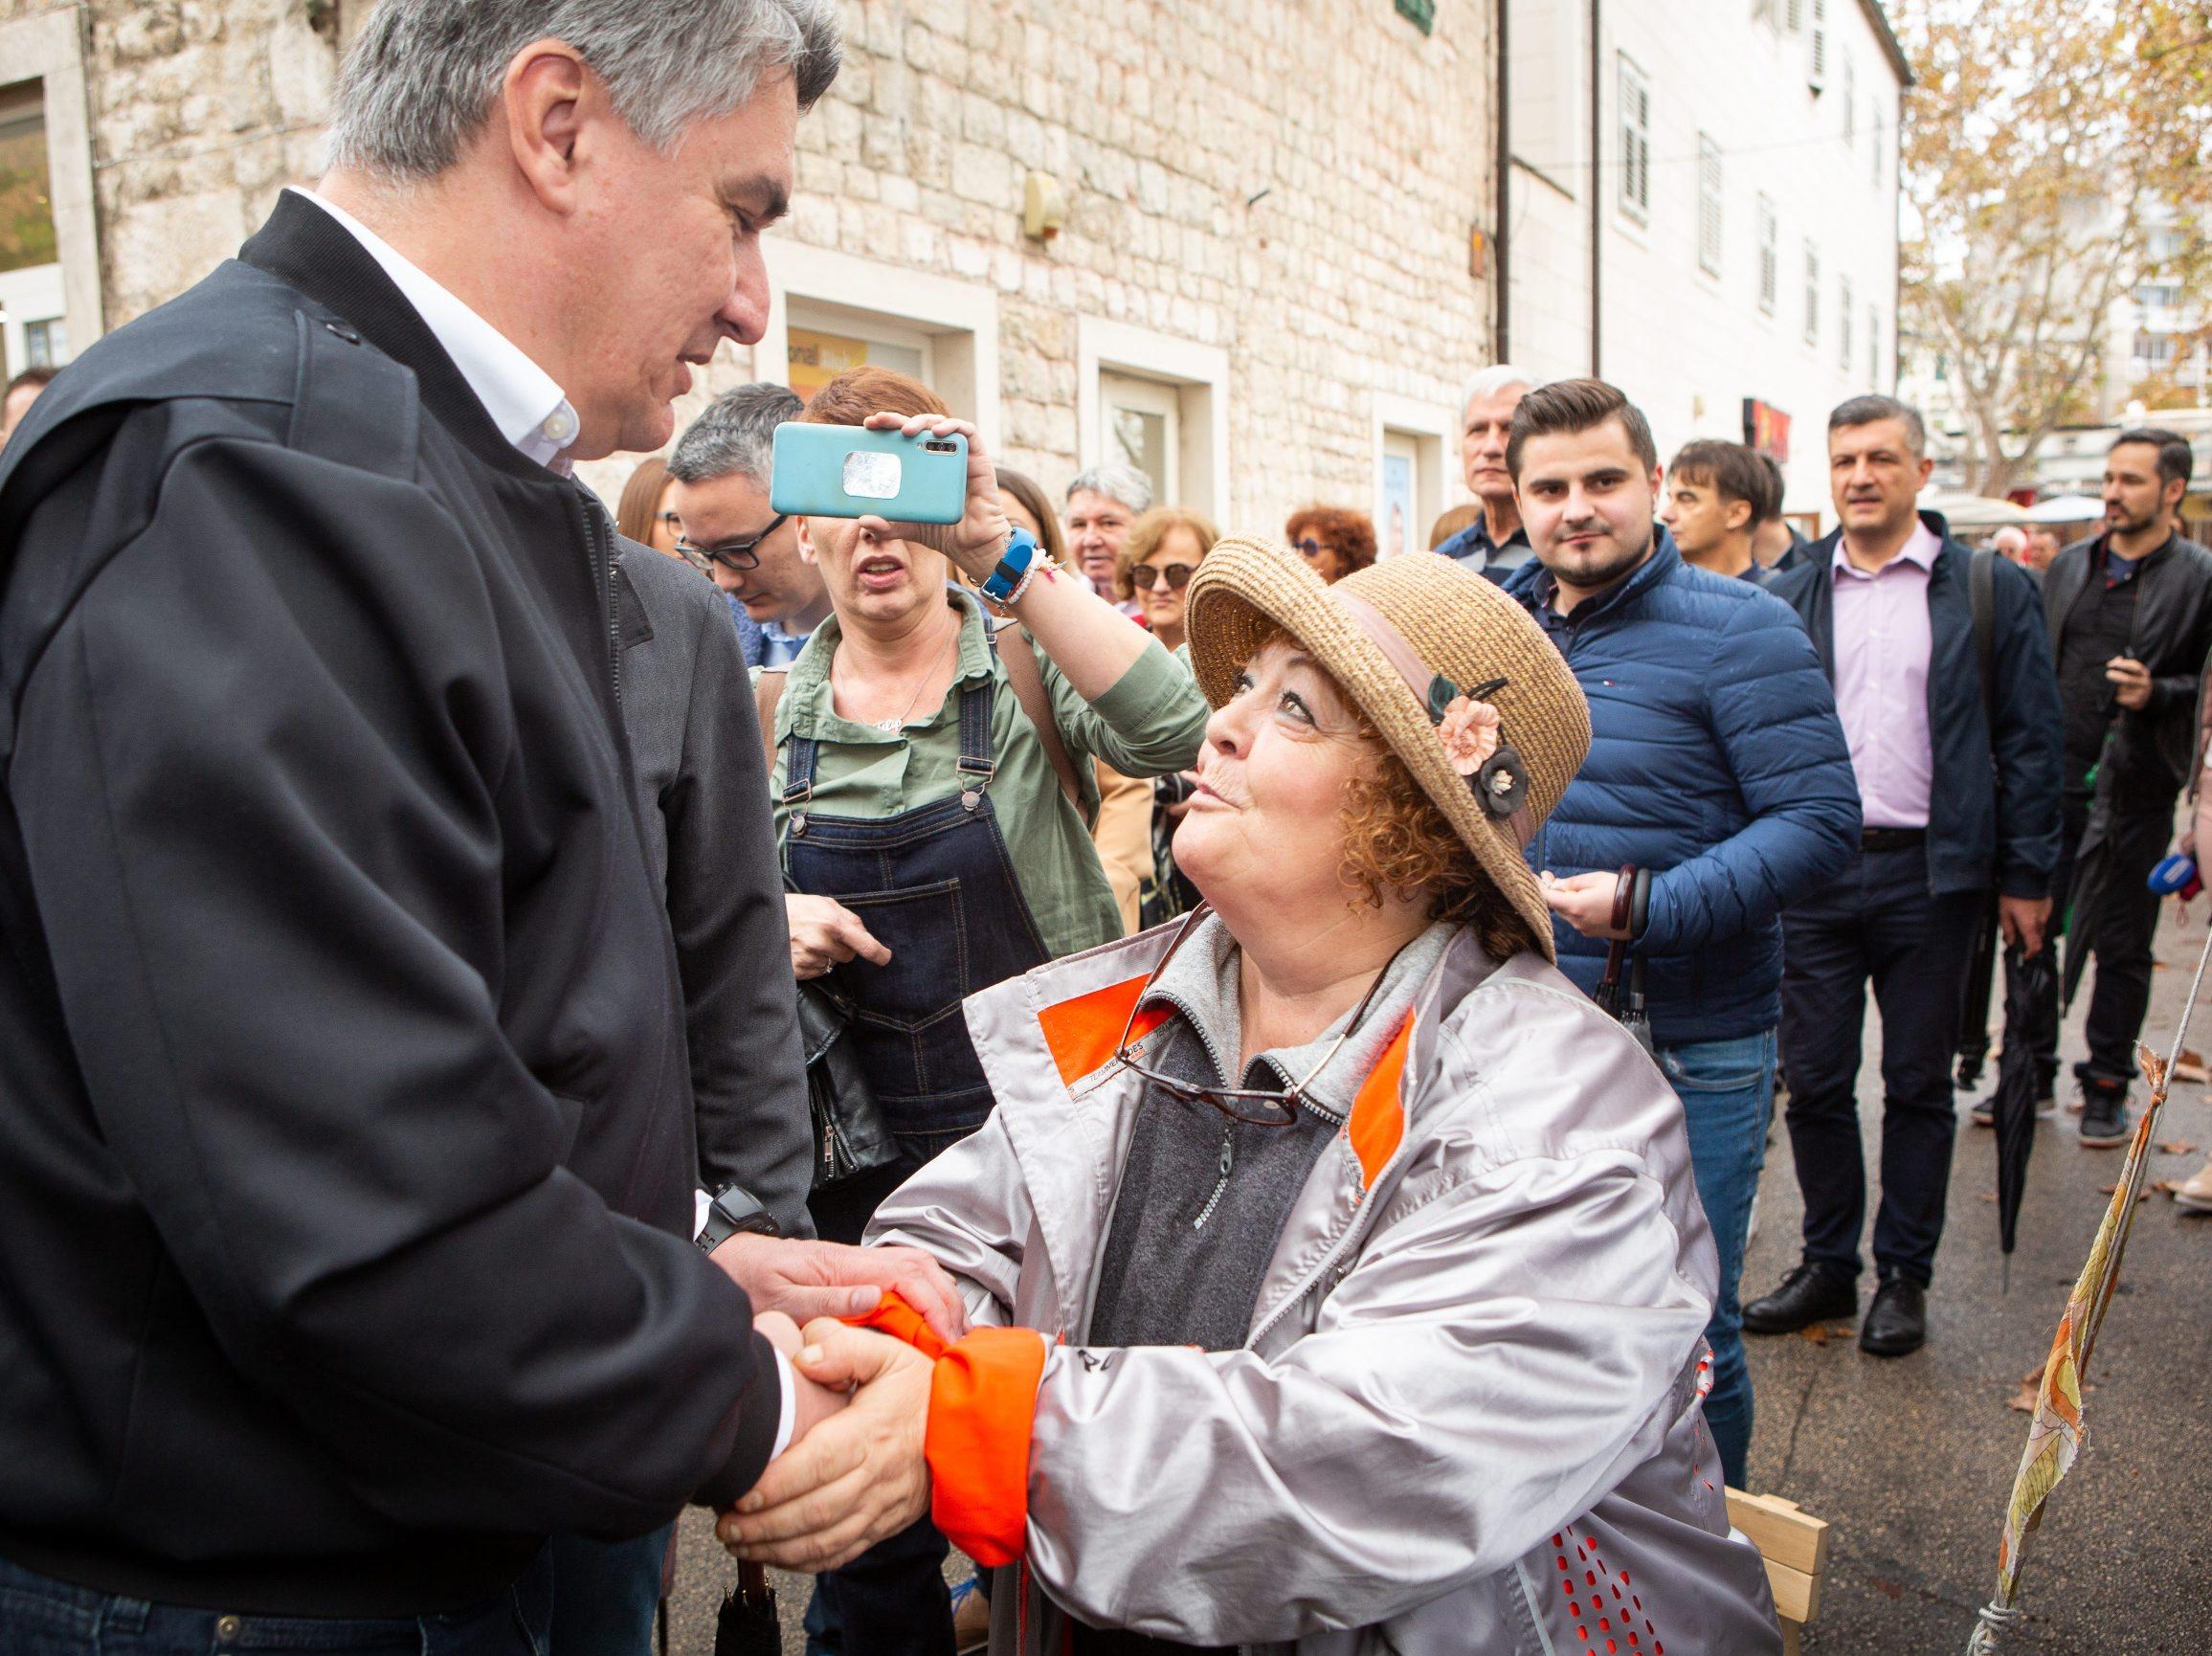 Split, 021119.  Predsjednicki kandidat ljevice Zoran Milanovic u sklopu svoje kampanje posjetio Split. Foto: Sasa Buric  / CROPIX